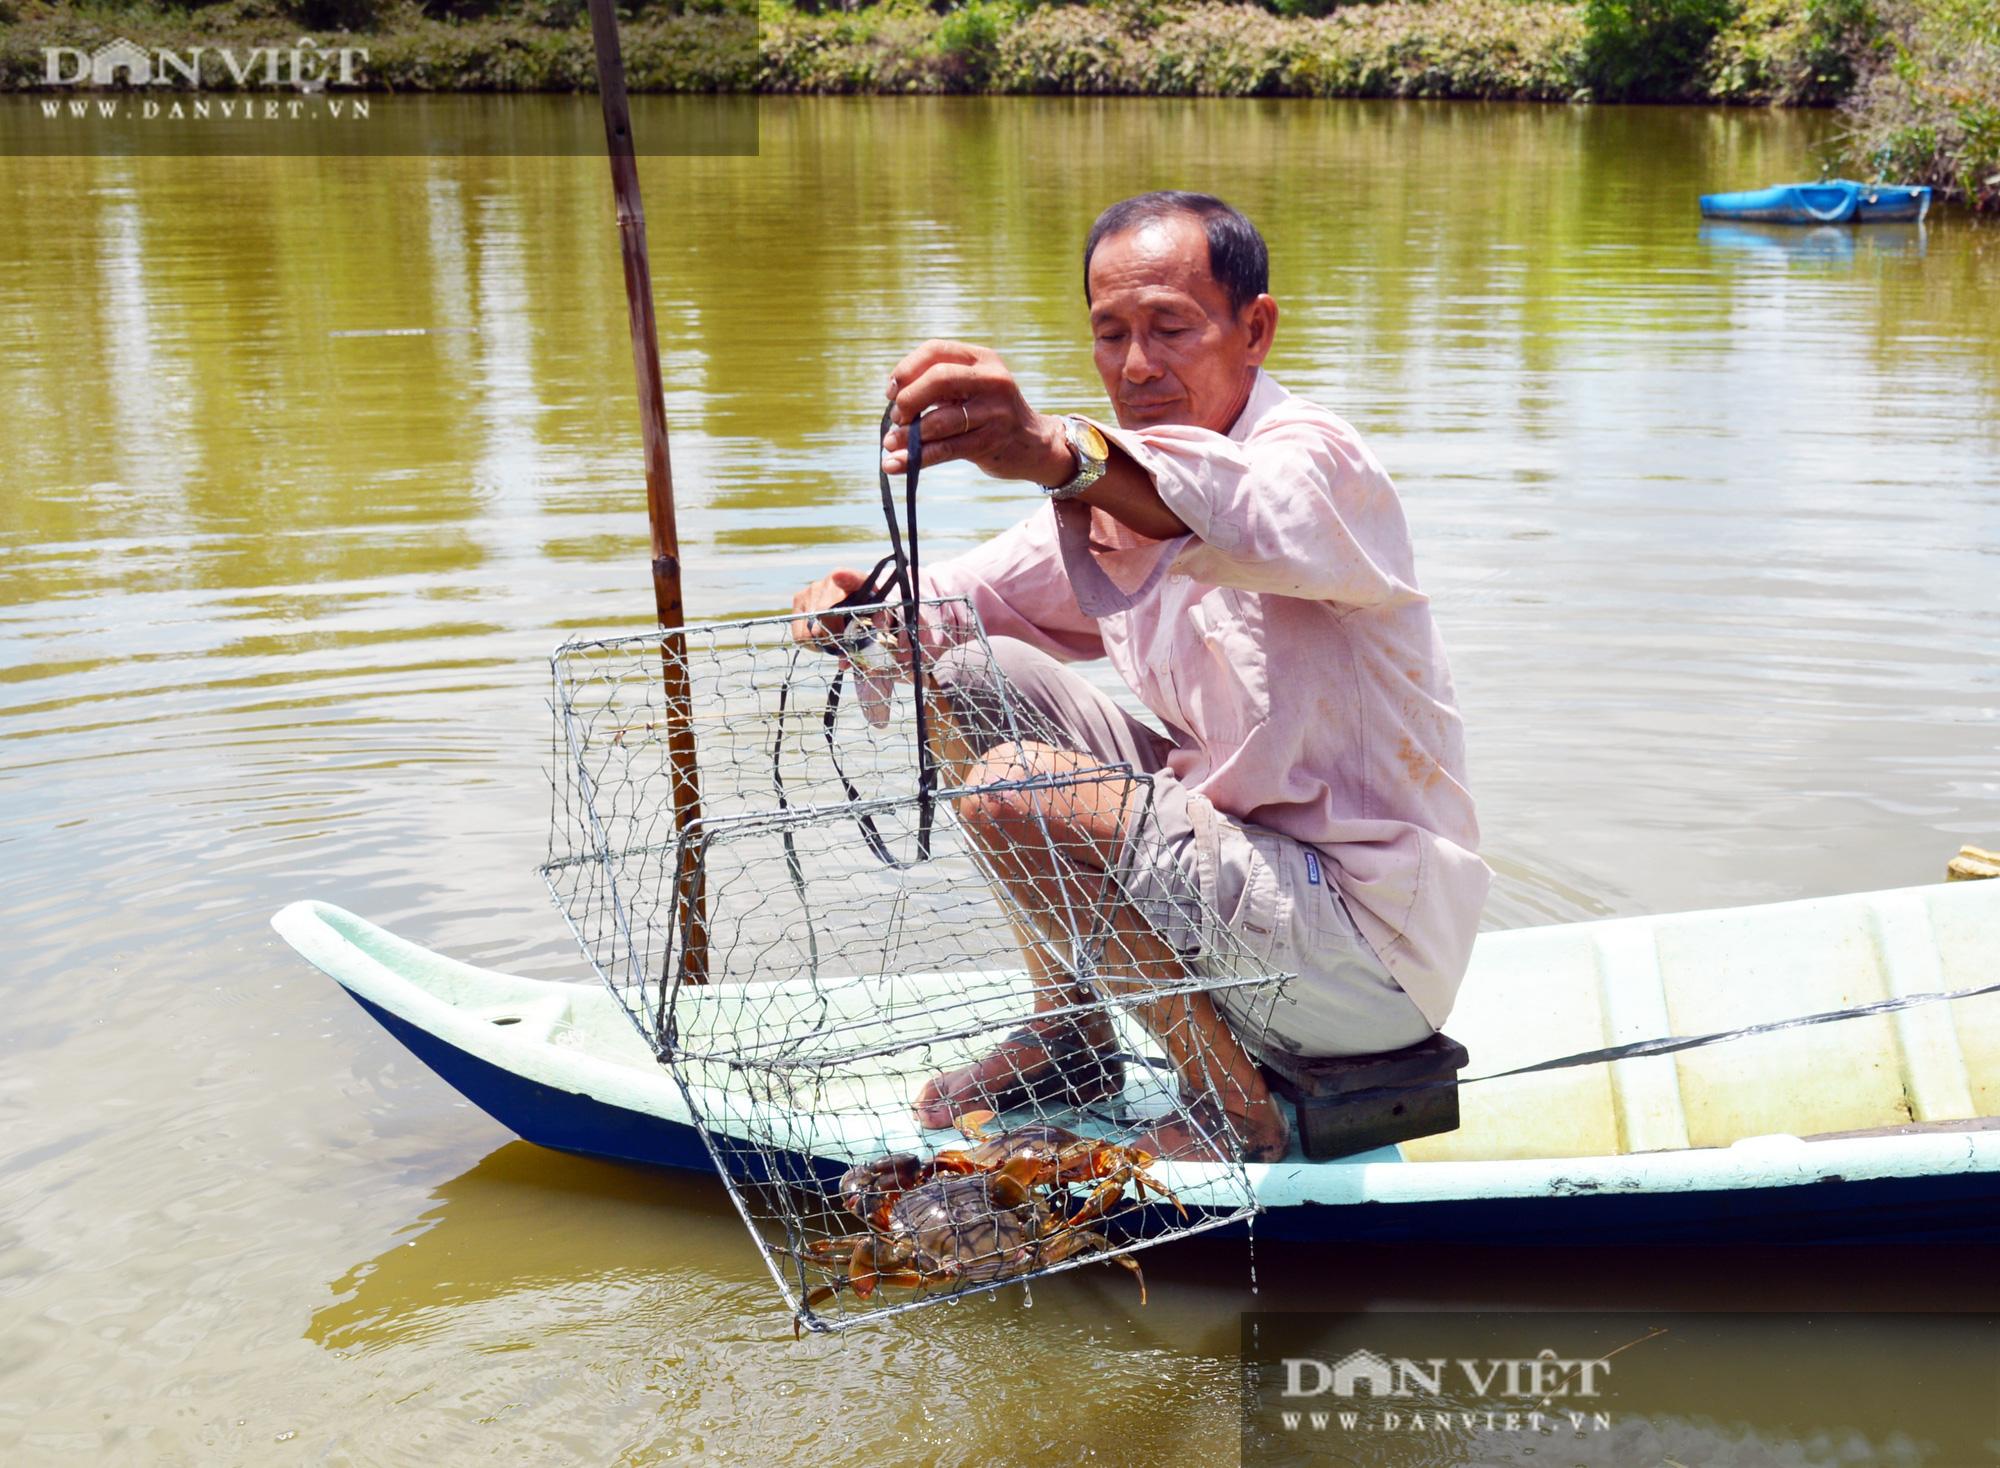 """Nuôi tôm hung dữ, bắt cá leo cây, và cơ man đặc sản """"độc, lạ"""" ở tỉnh Cà Mau, nhìn thôi đã thấy thèm Logo-logo-cua-16010505176471130840825"""